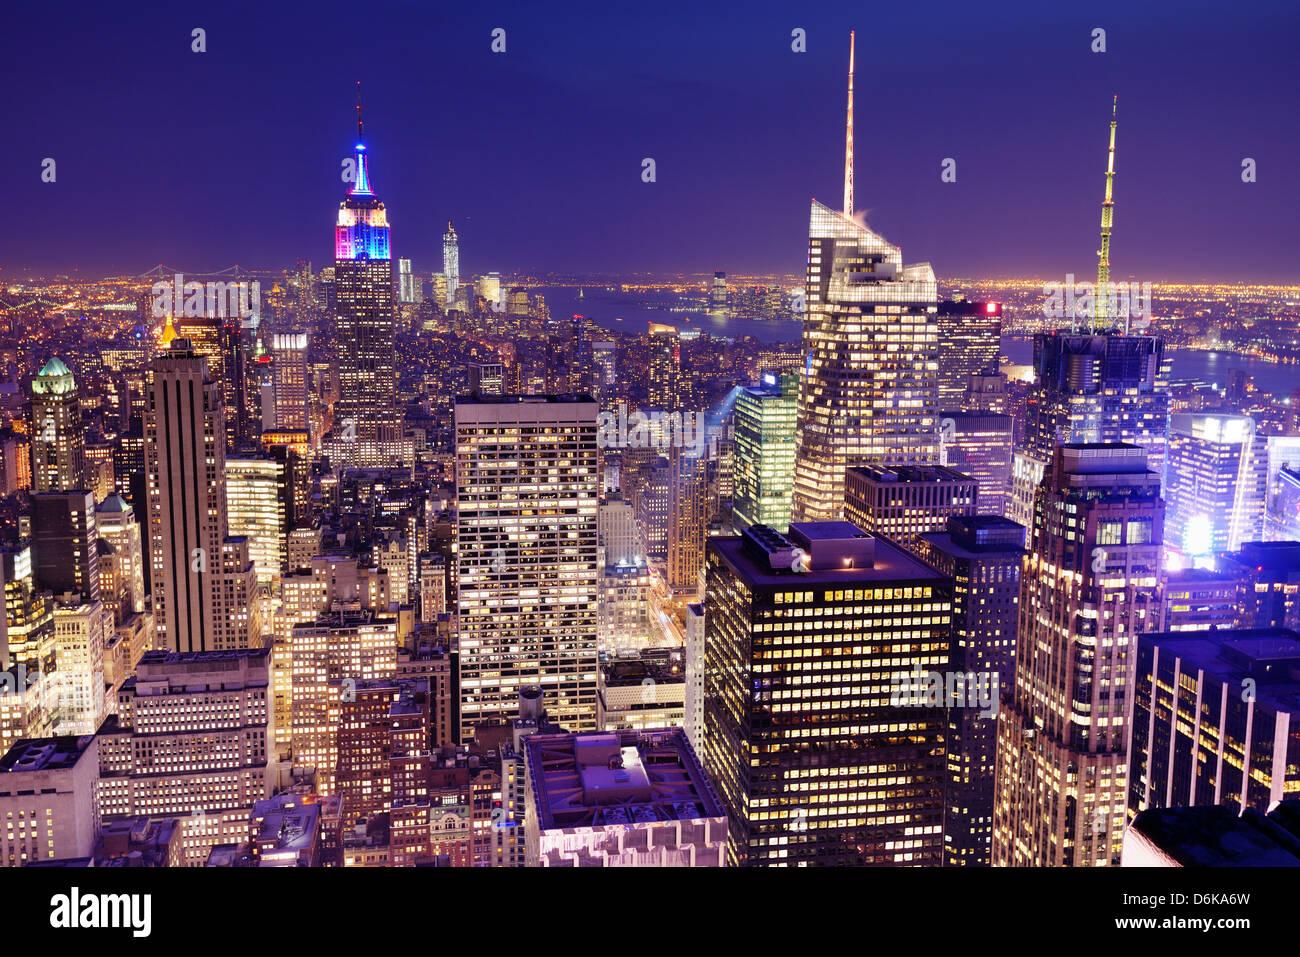 New York City von oben gesehen. Stockbild